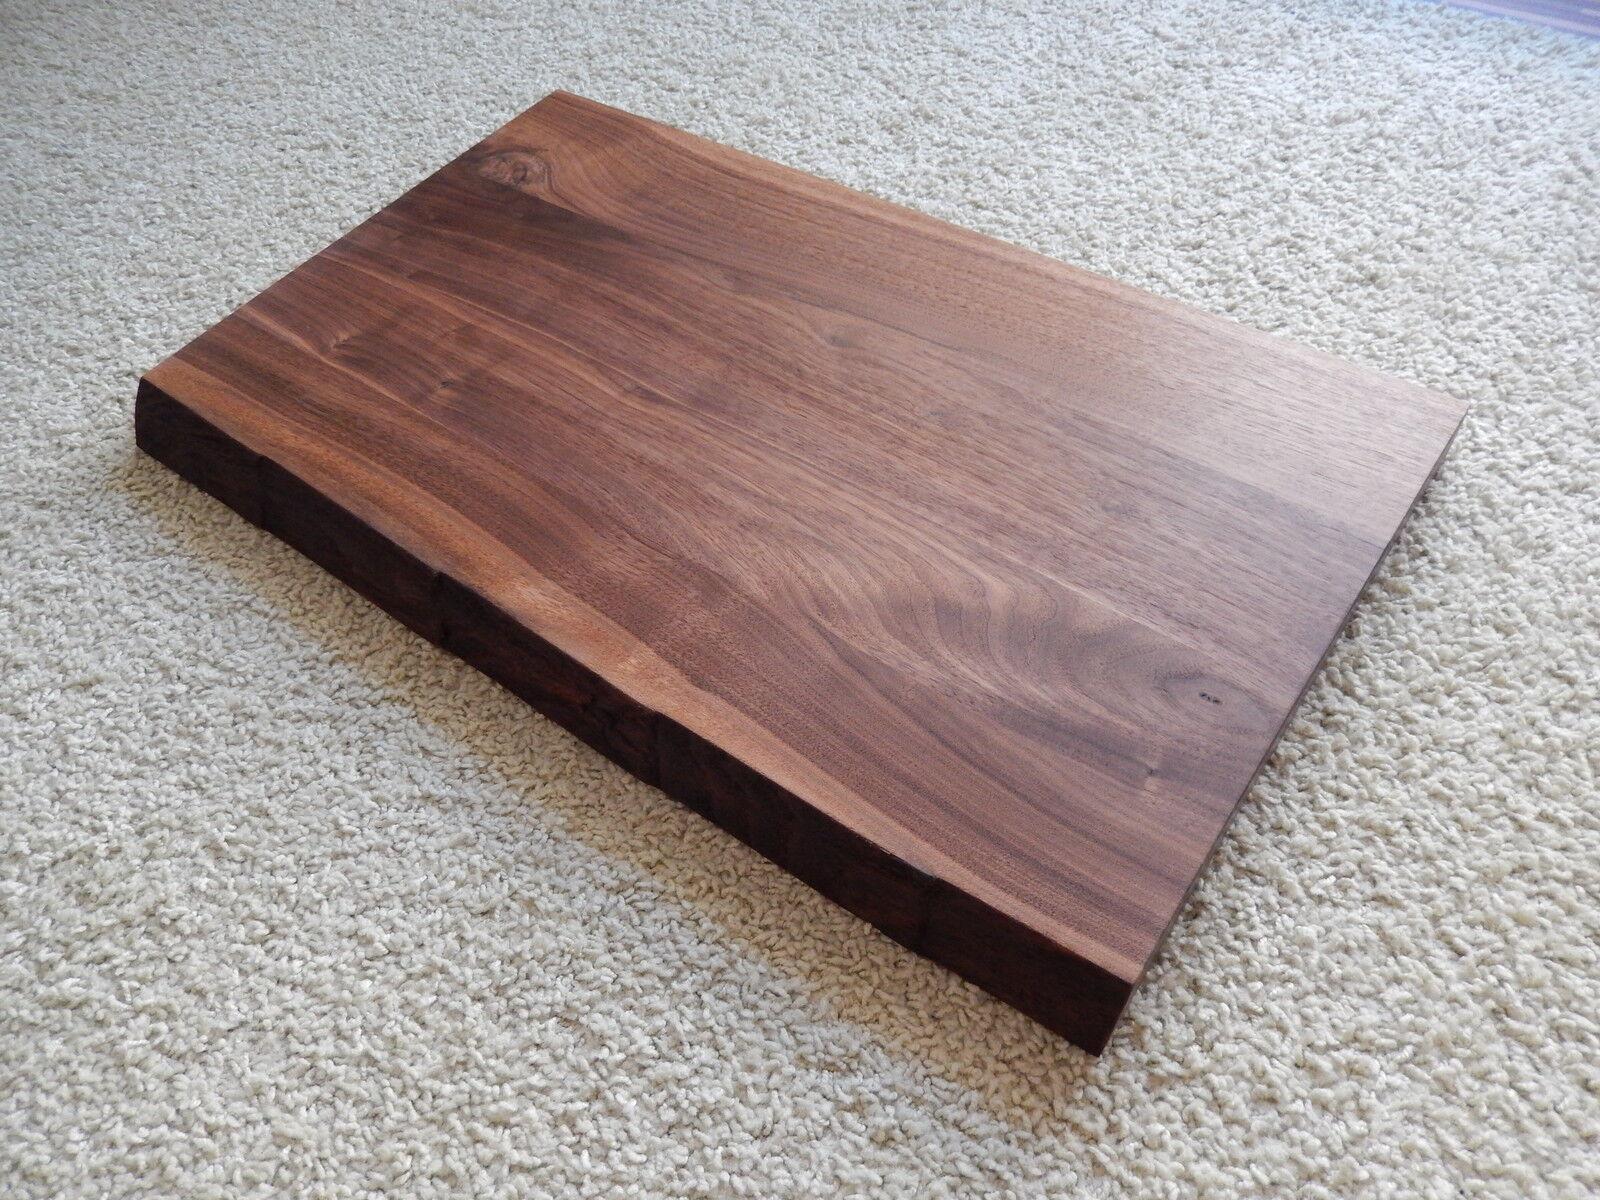 tischplatte platte nussbaum massiv holz mit baumkante neu tisch brett leimholz eur 245 00. Black Bedroom Furniture Sets. Home Design Ideas